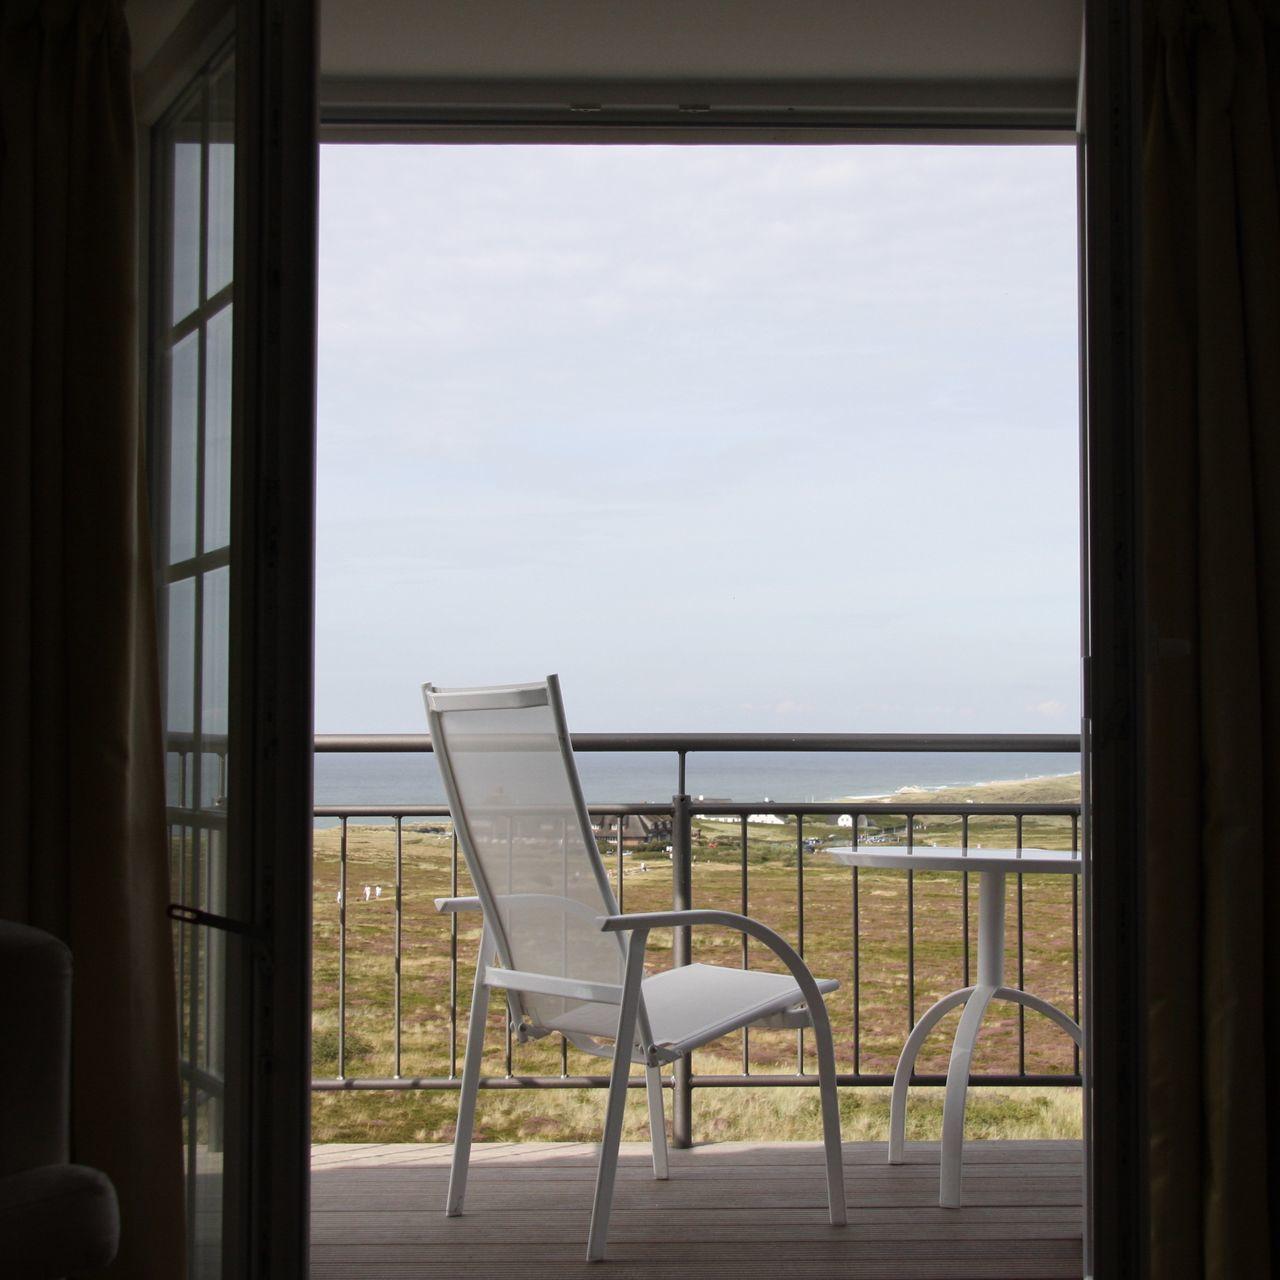 Armchair And Table In Balcony Seen Through Doorway